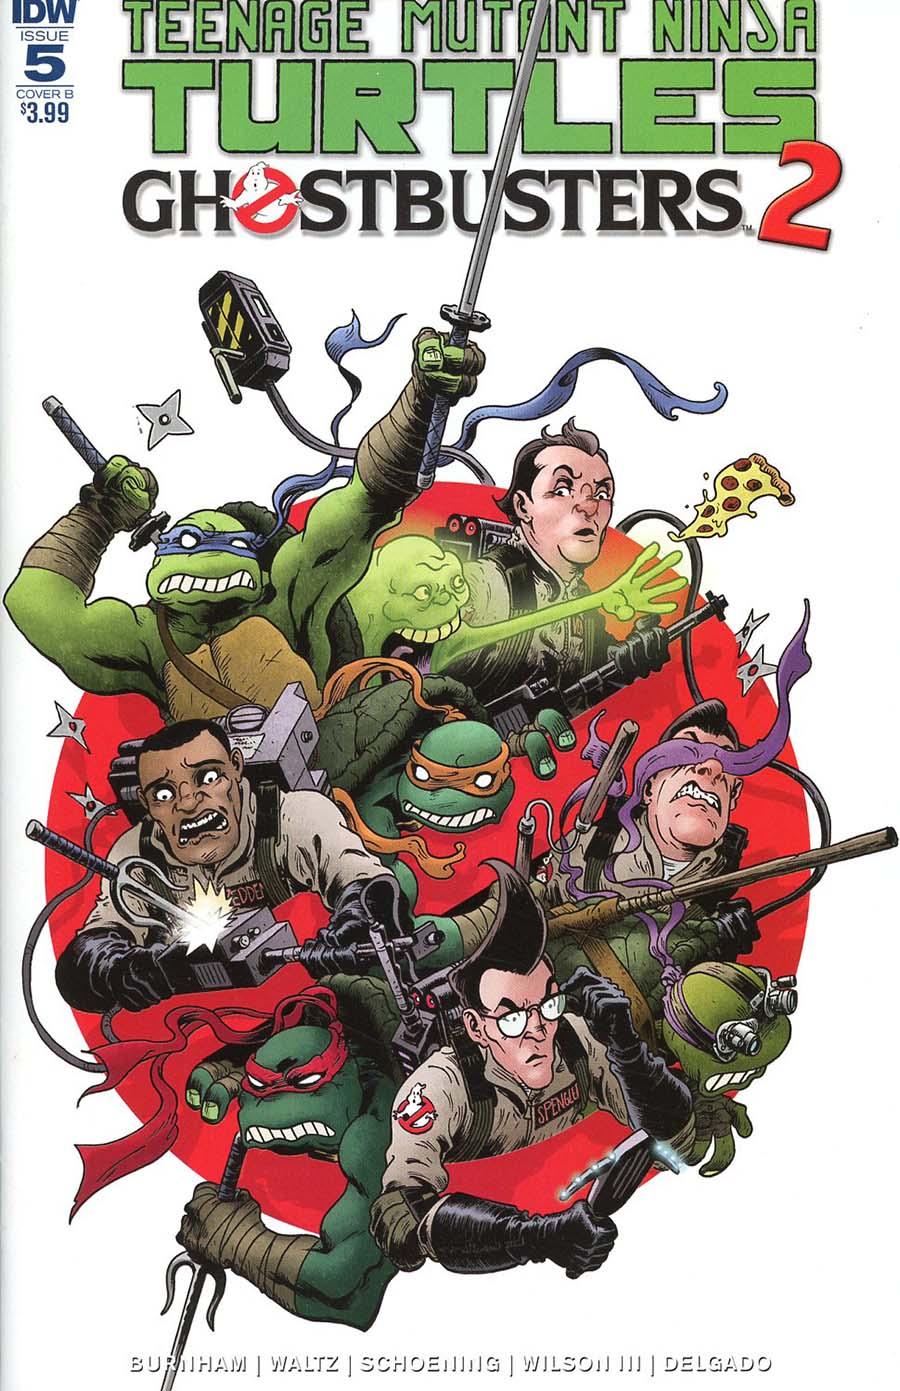 Teenage Mutant Ninja Turtles Ghostbusters II #5 Cover B Variant Charles Paul Wilson III Cover